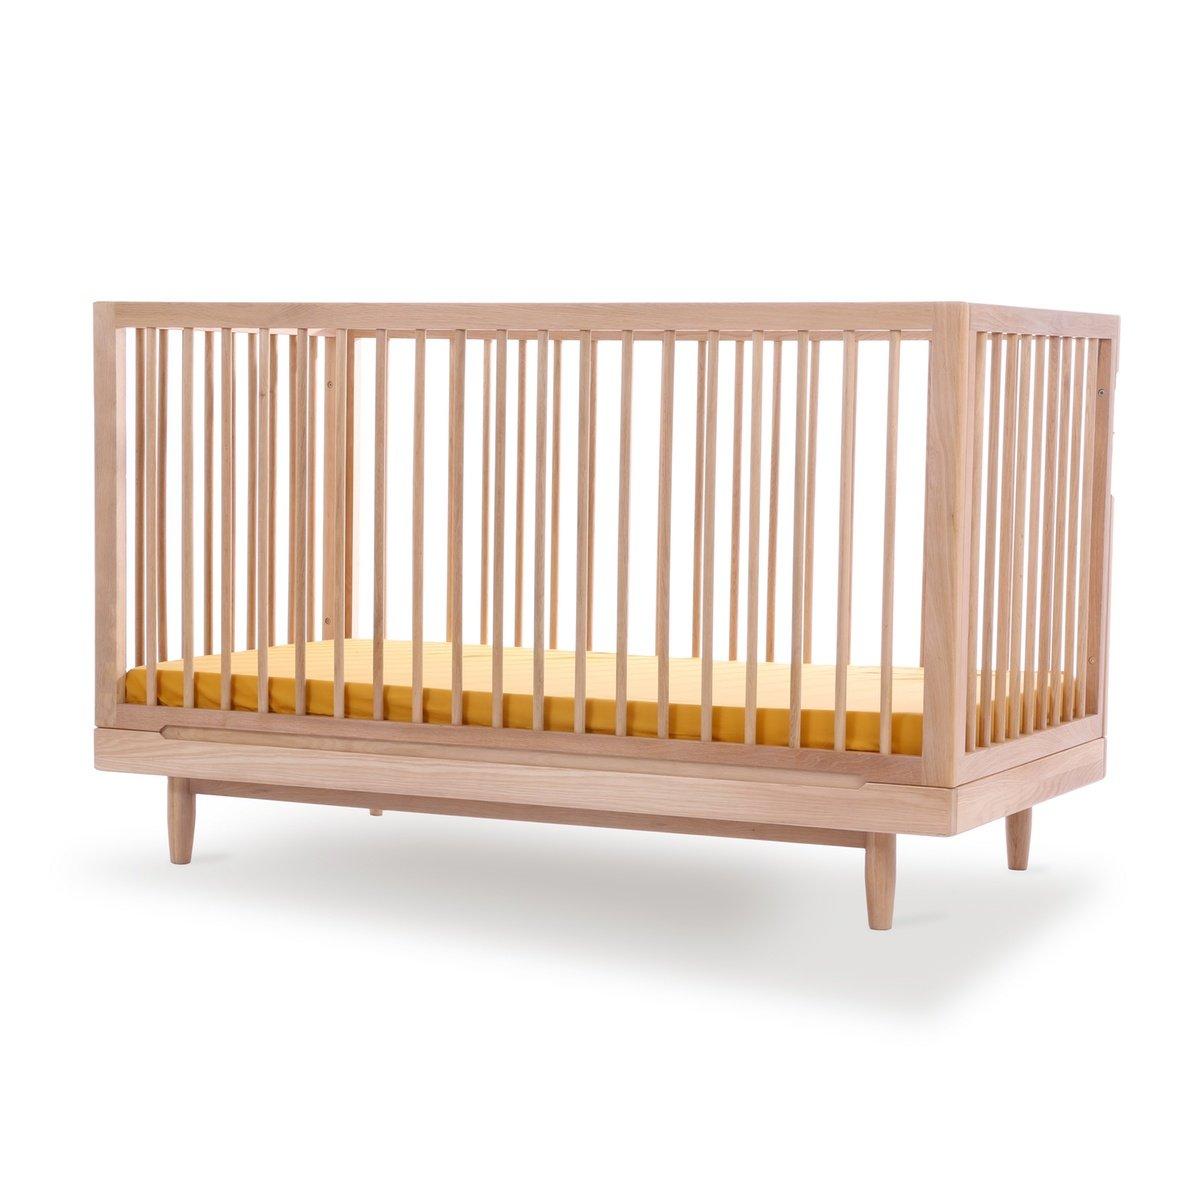 """Nobodinoz Erweiterungs-Set """"Pure"""" Absturzsicherung für Kinderbett aus Eichenholz in natur Kinderbetten"""